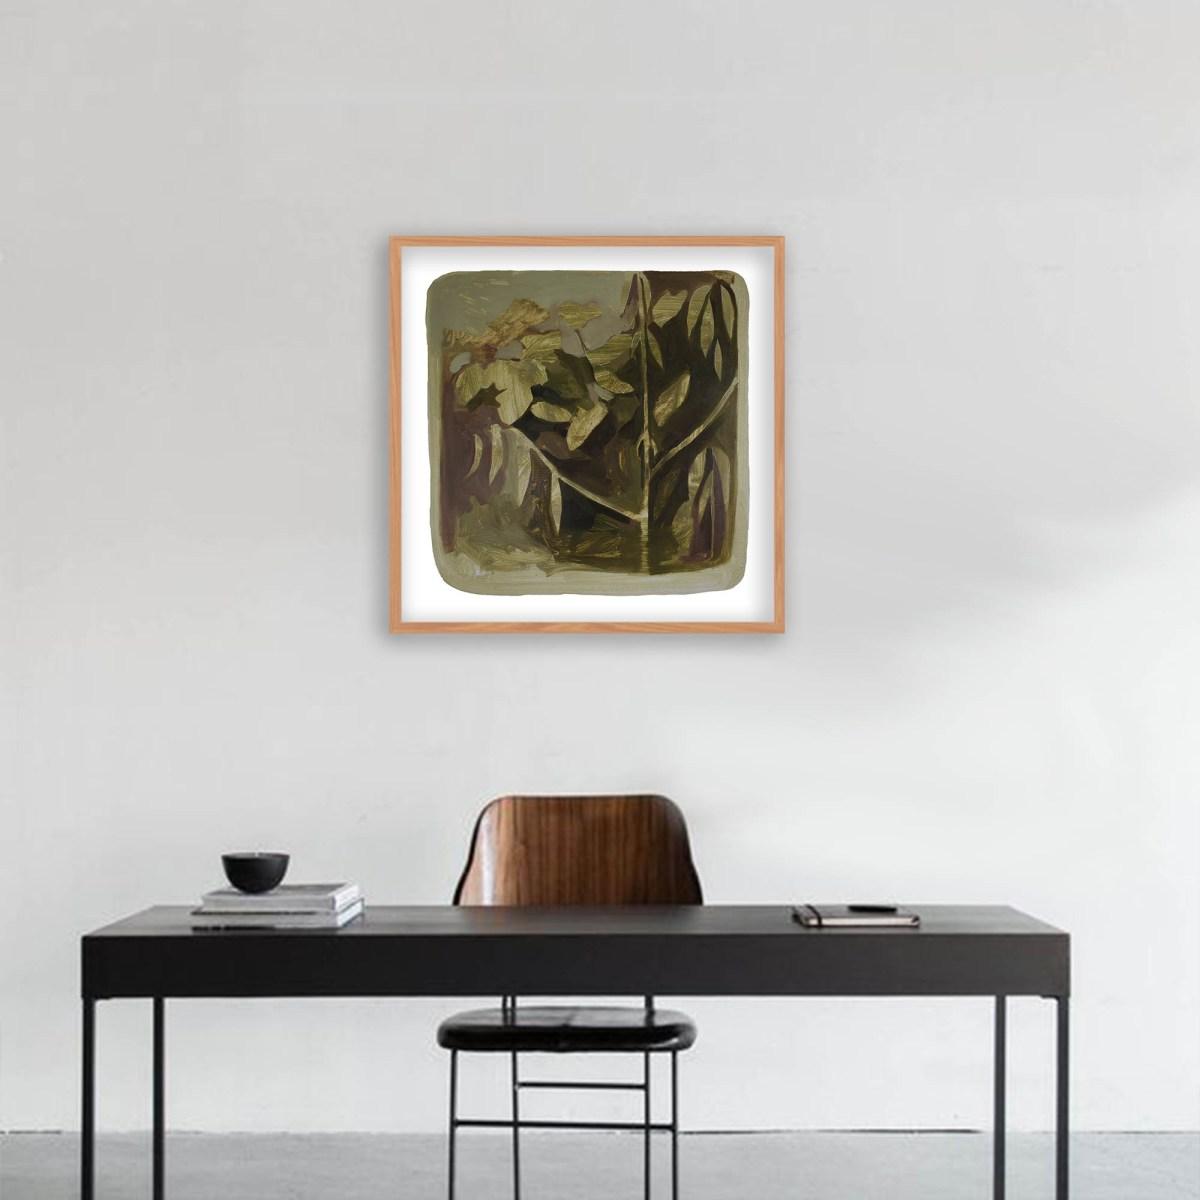 Pintura de la artista Ayanegui decorando escritorio.